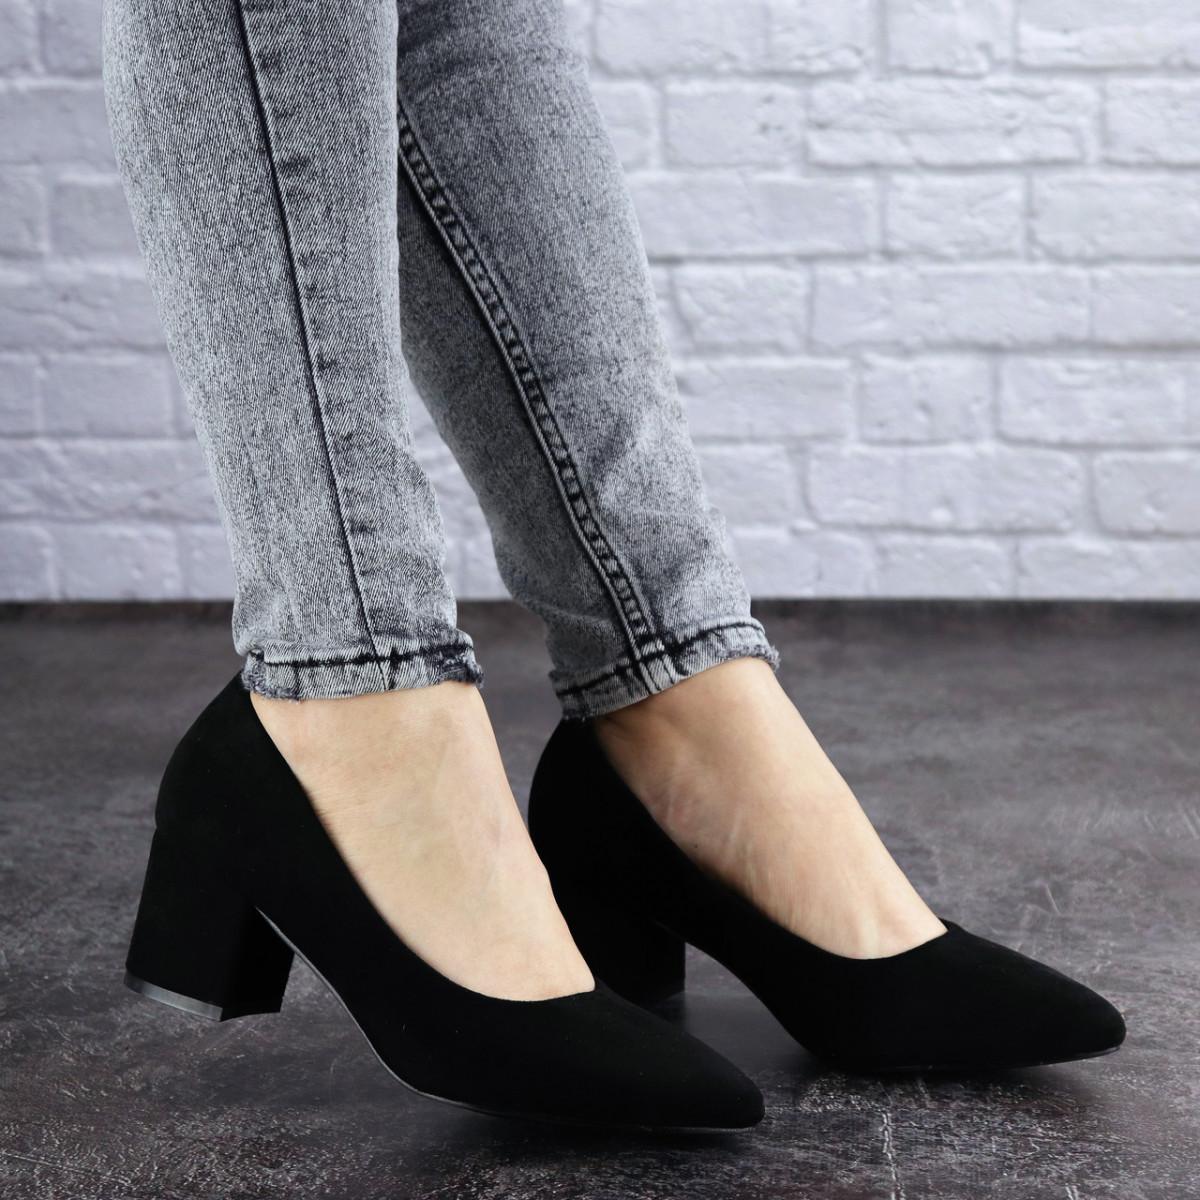 Жіночі туфлі на підборах Fashion Pebbles 2003 36 розмір 23 см Чорний